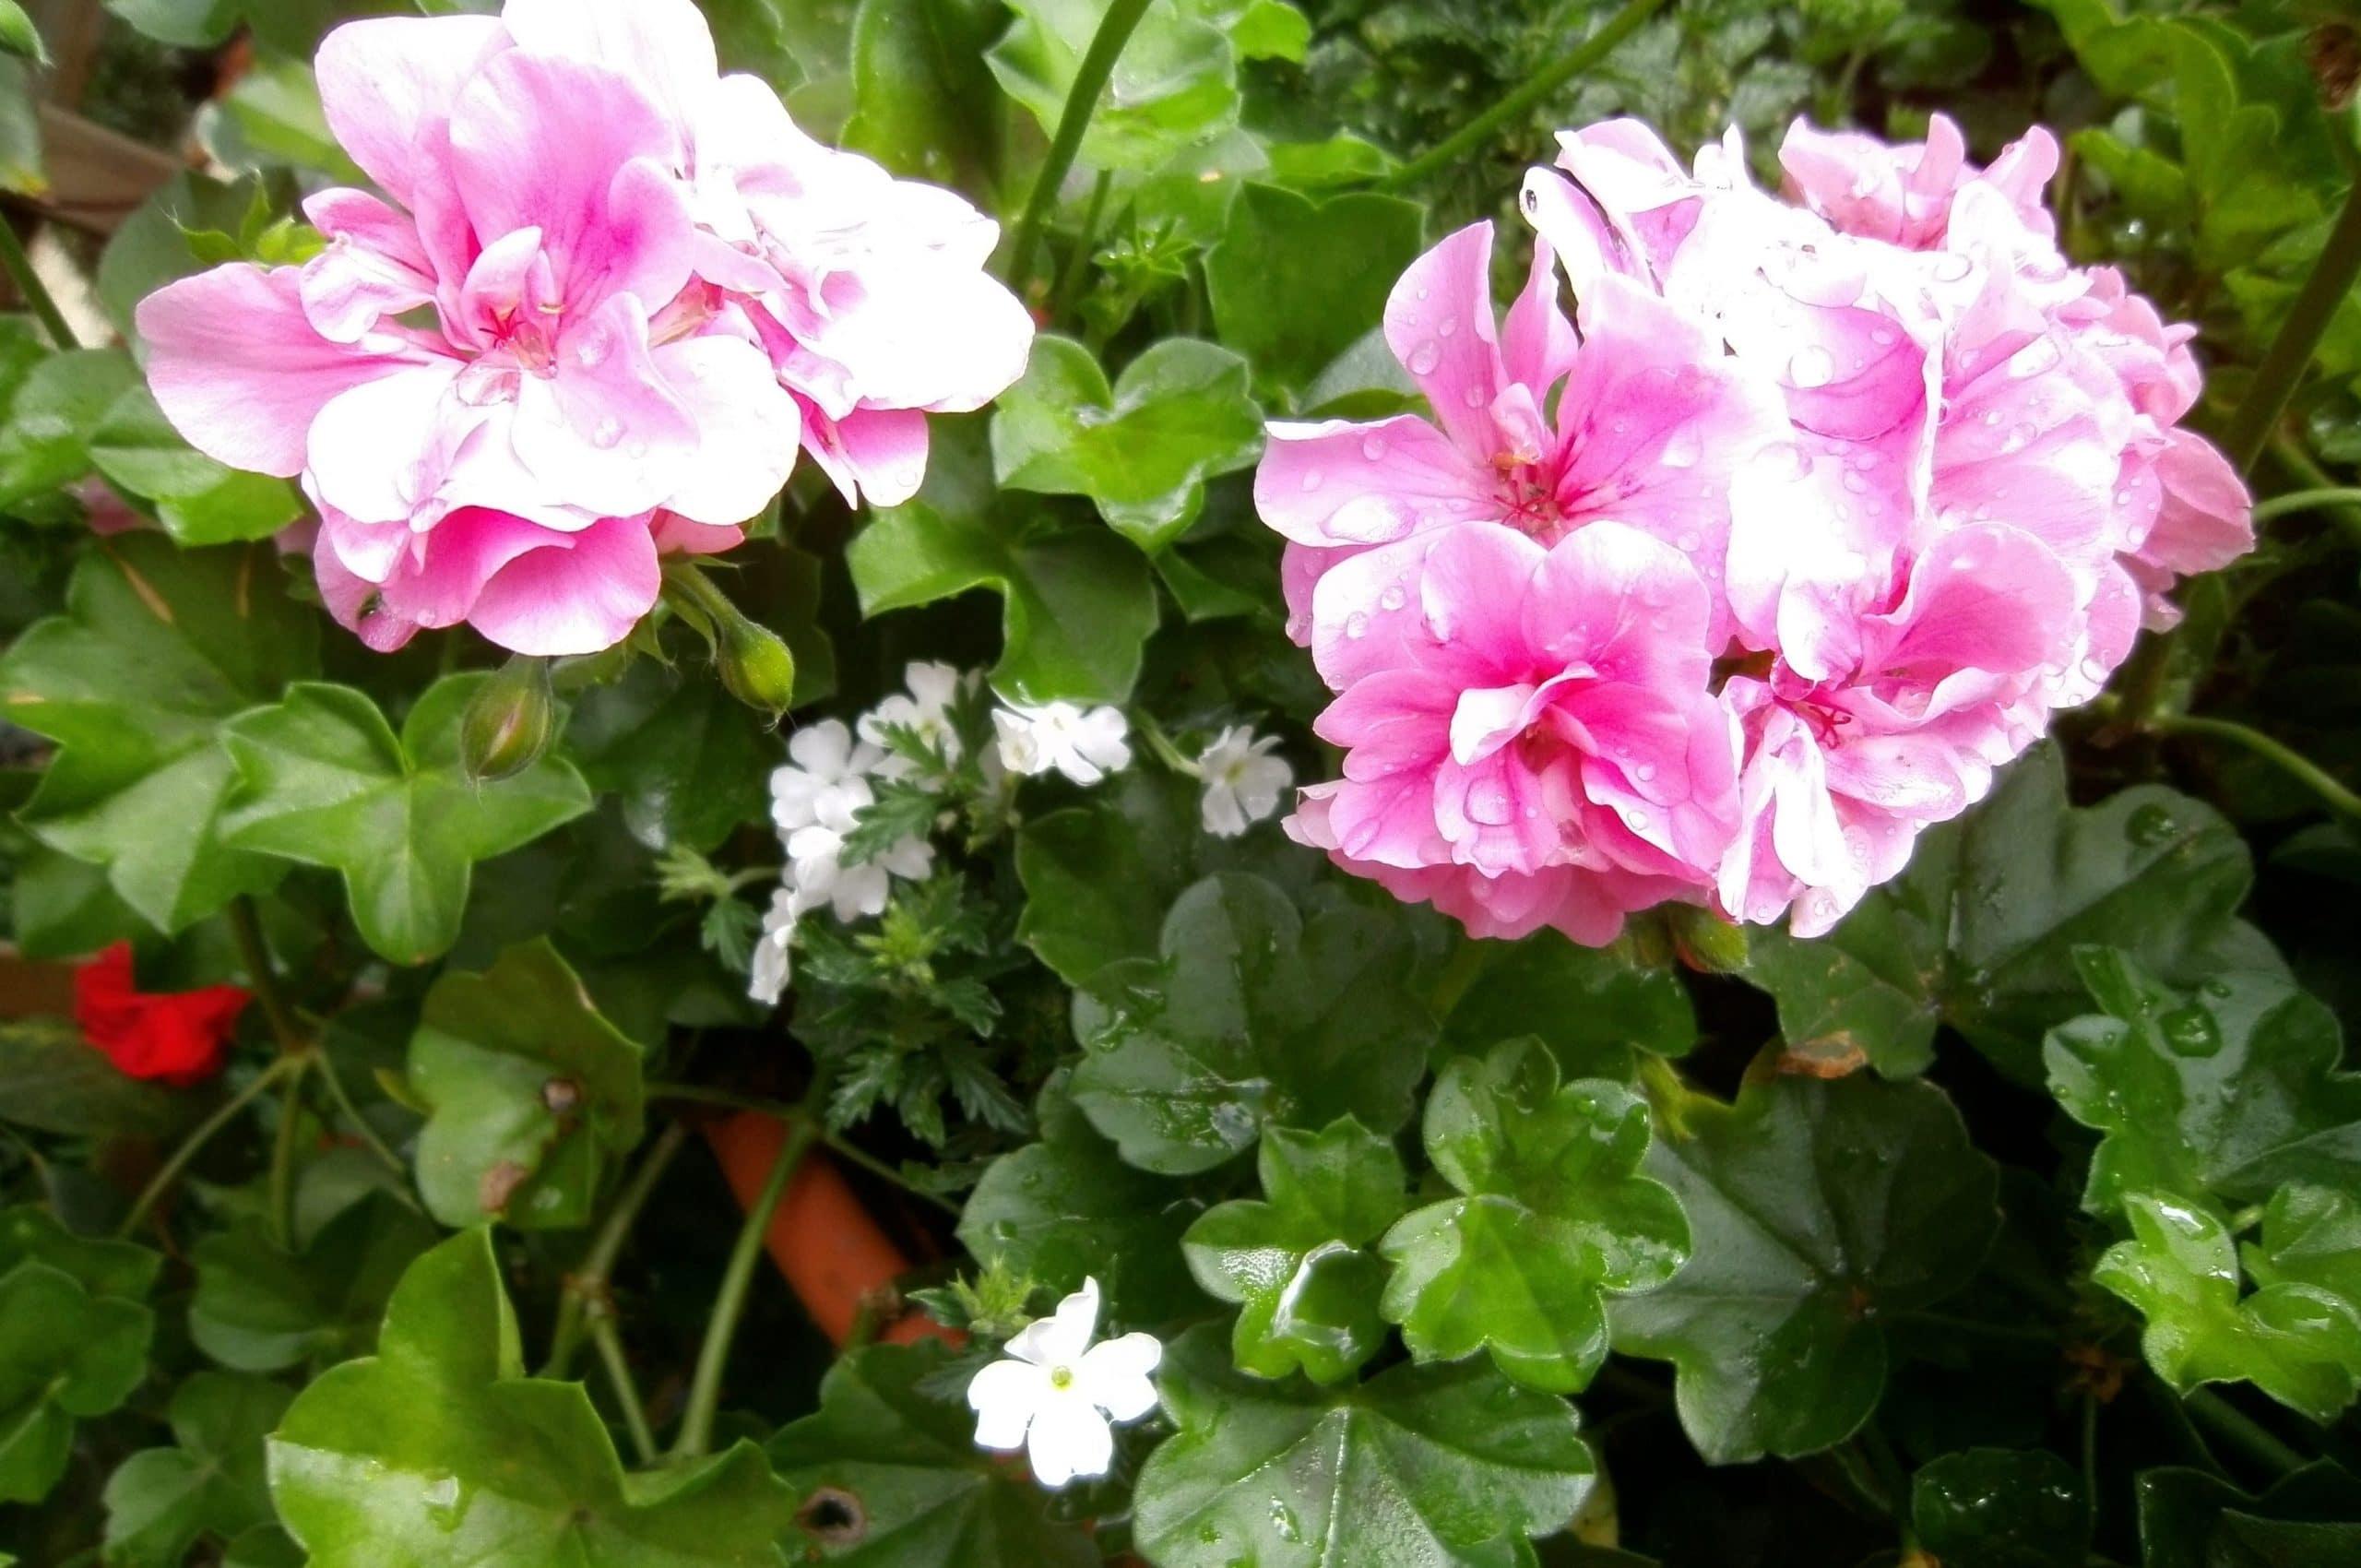 Los geranios son plantas ornamentales